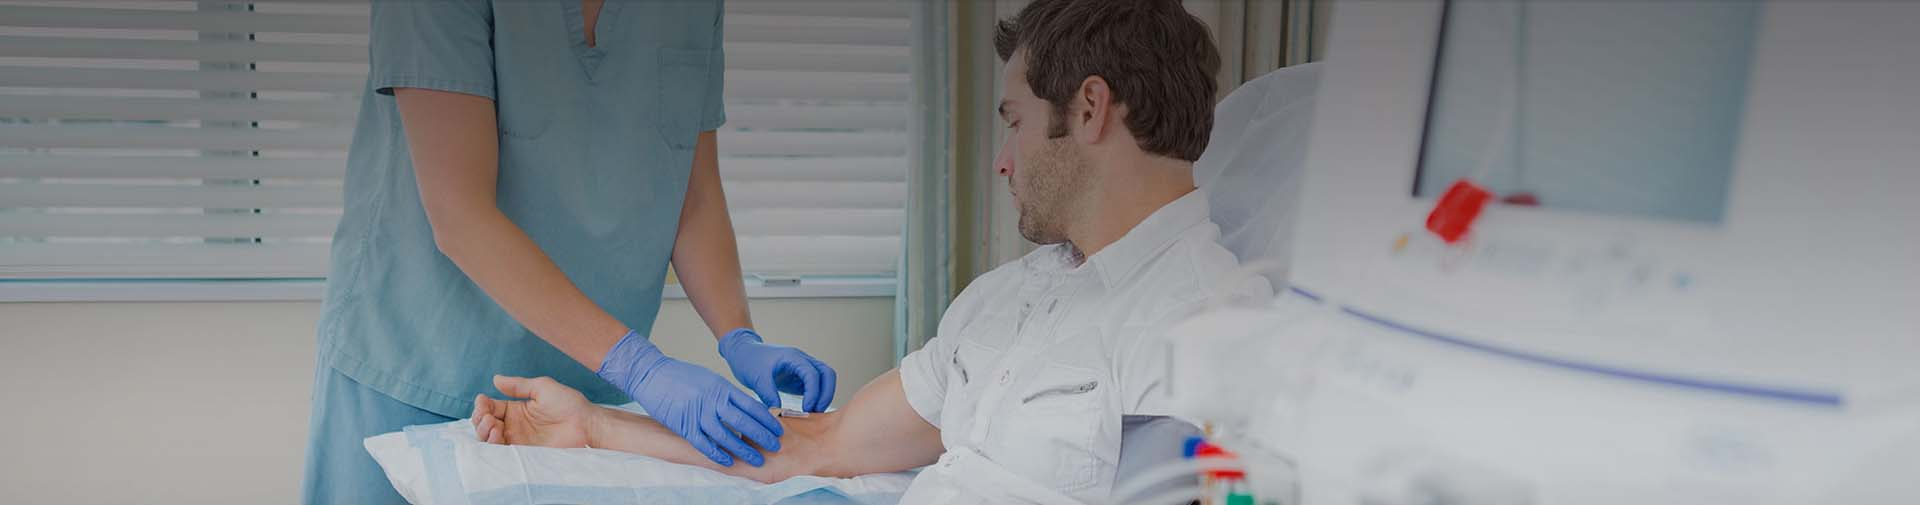 Dialysis Modality